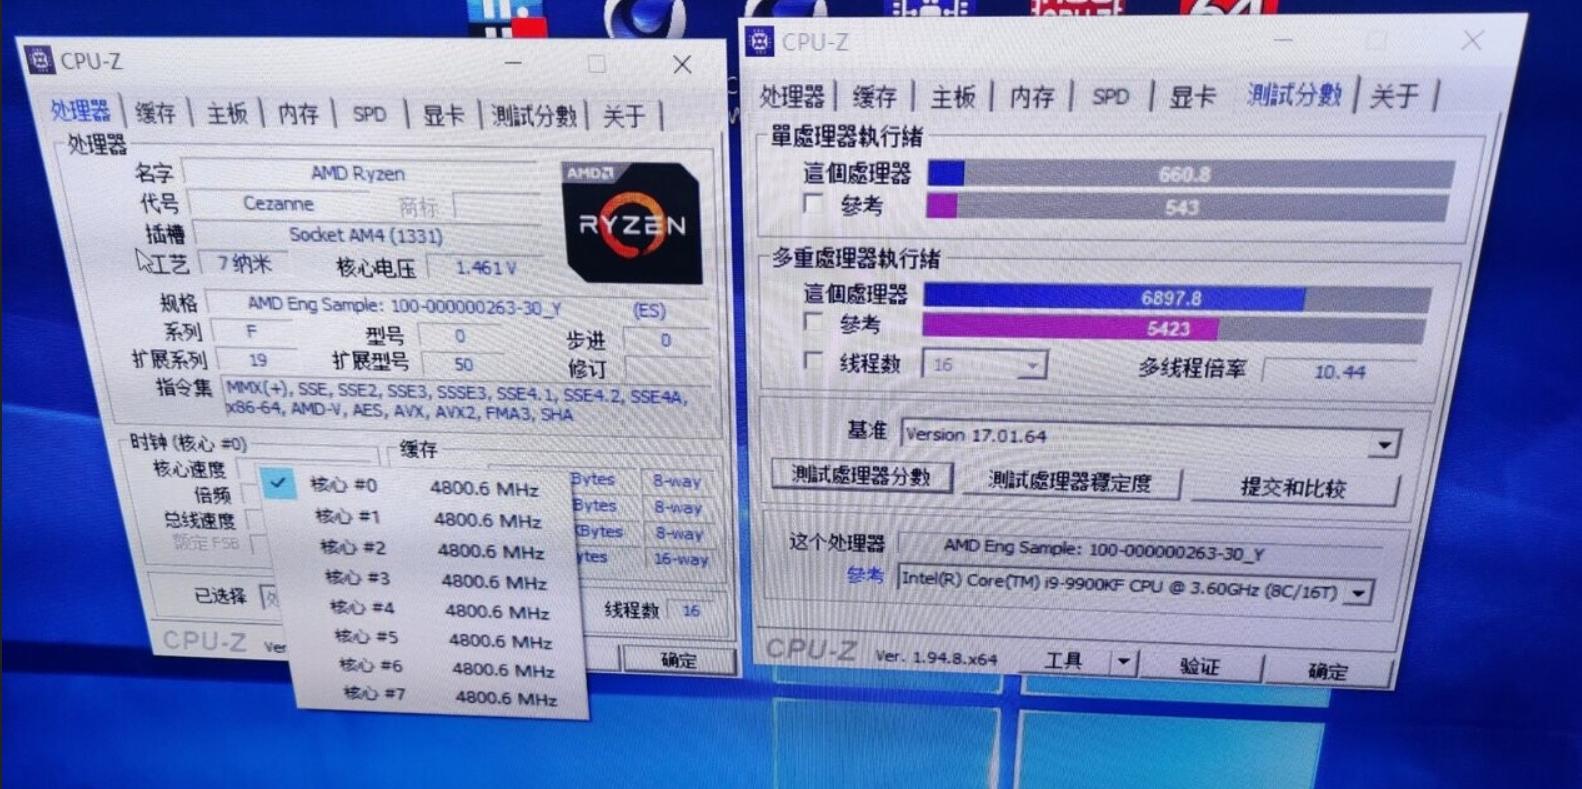 معالج Ryzen 7 PRO 5750G